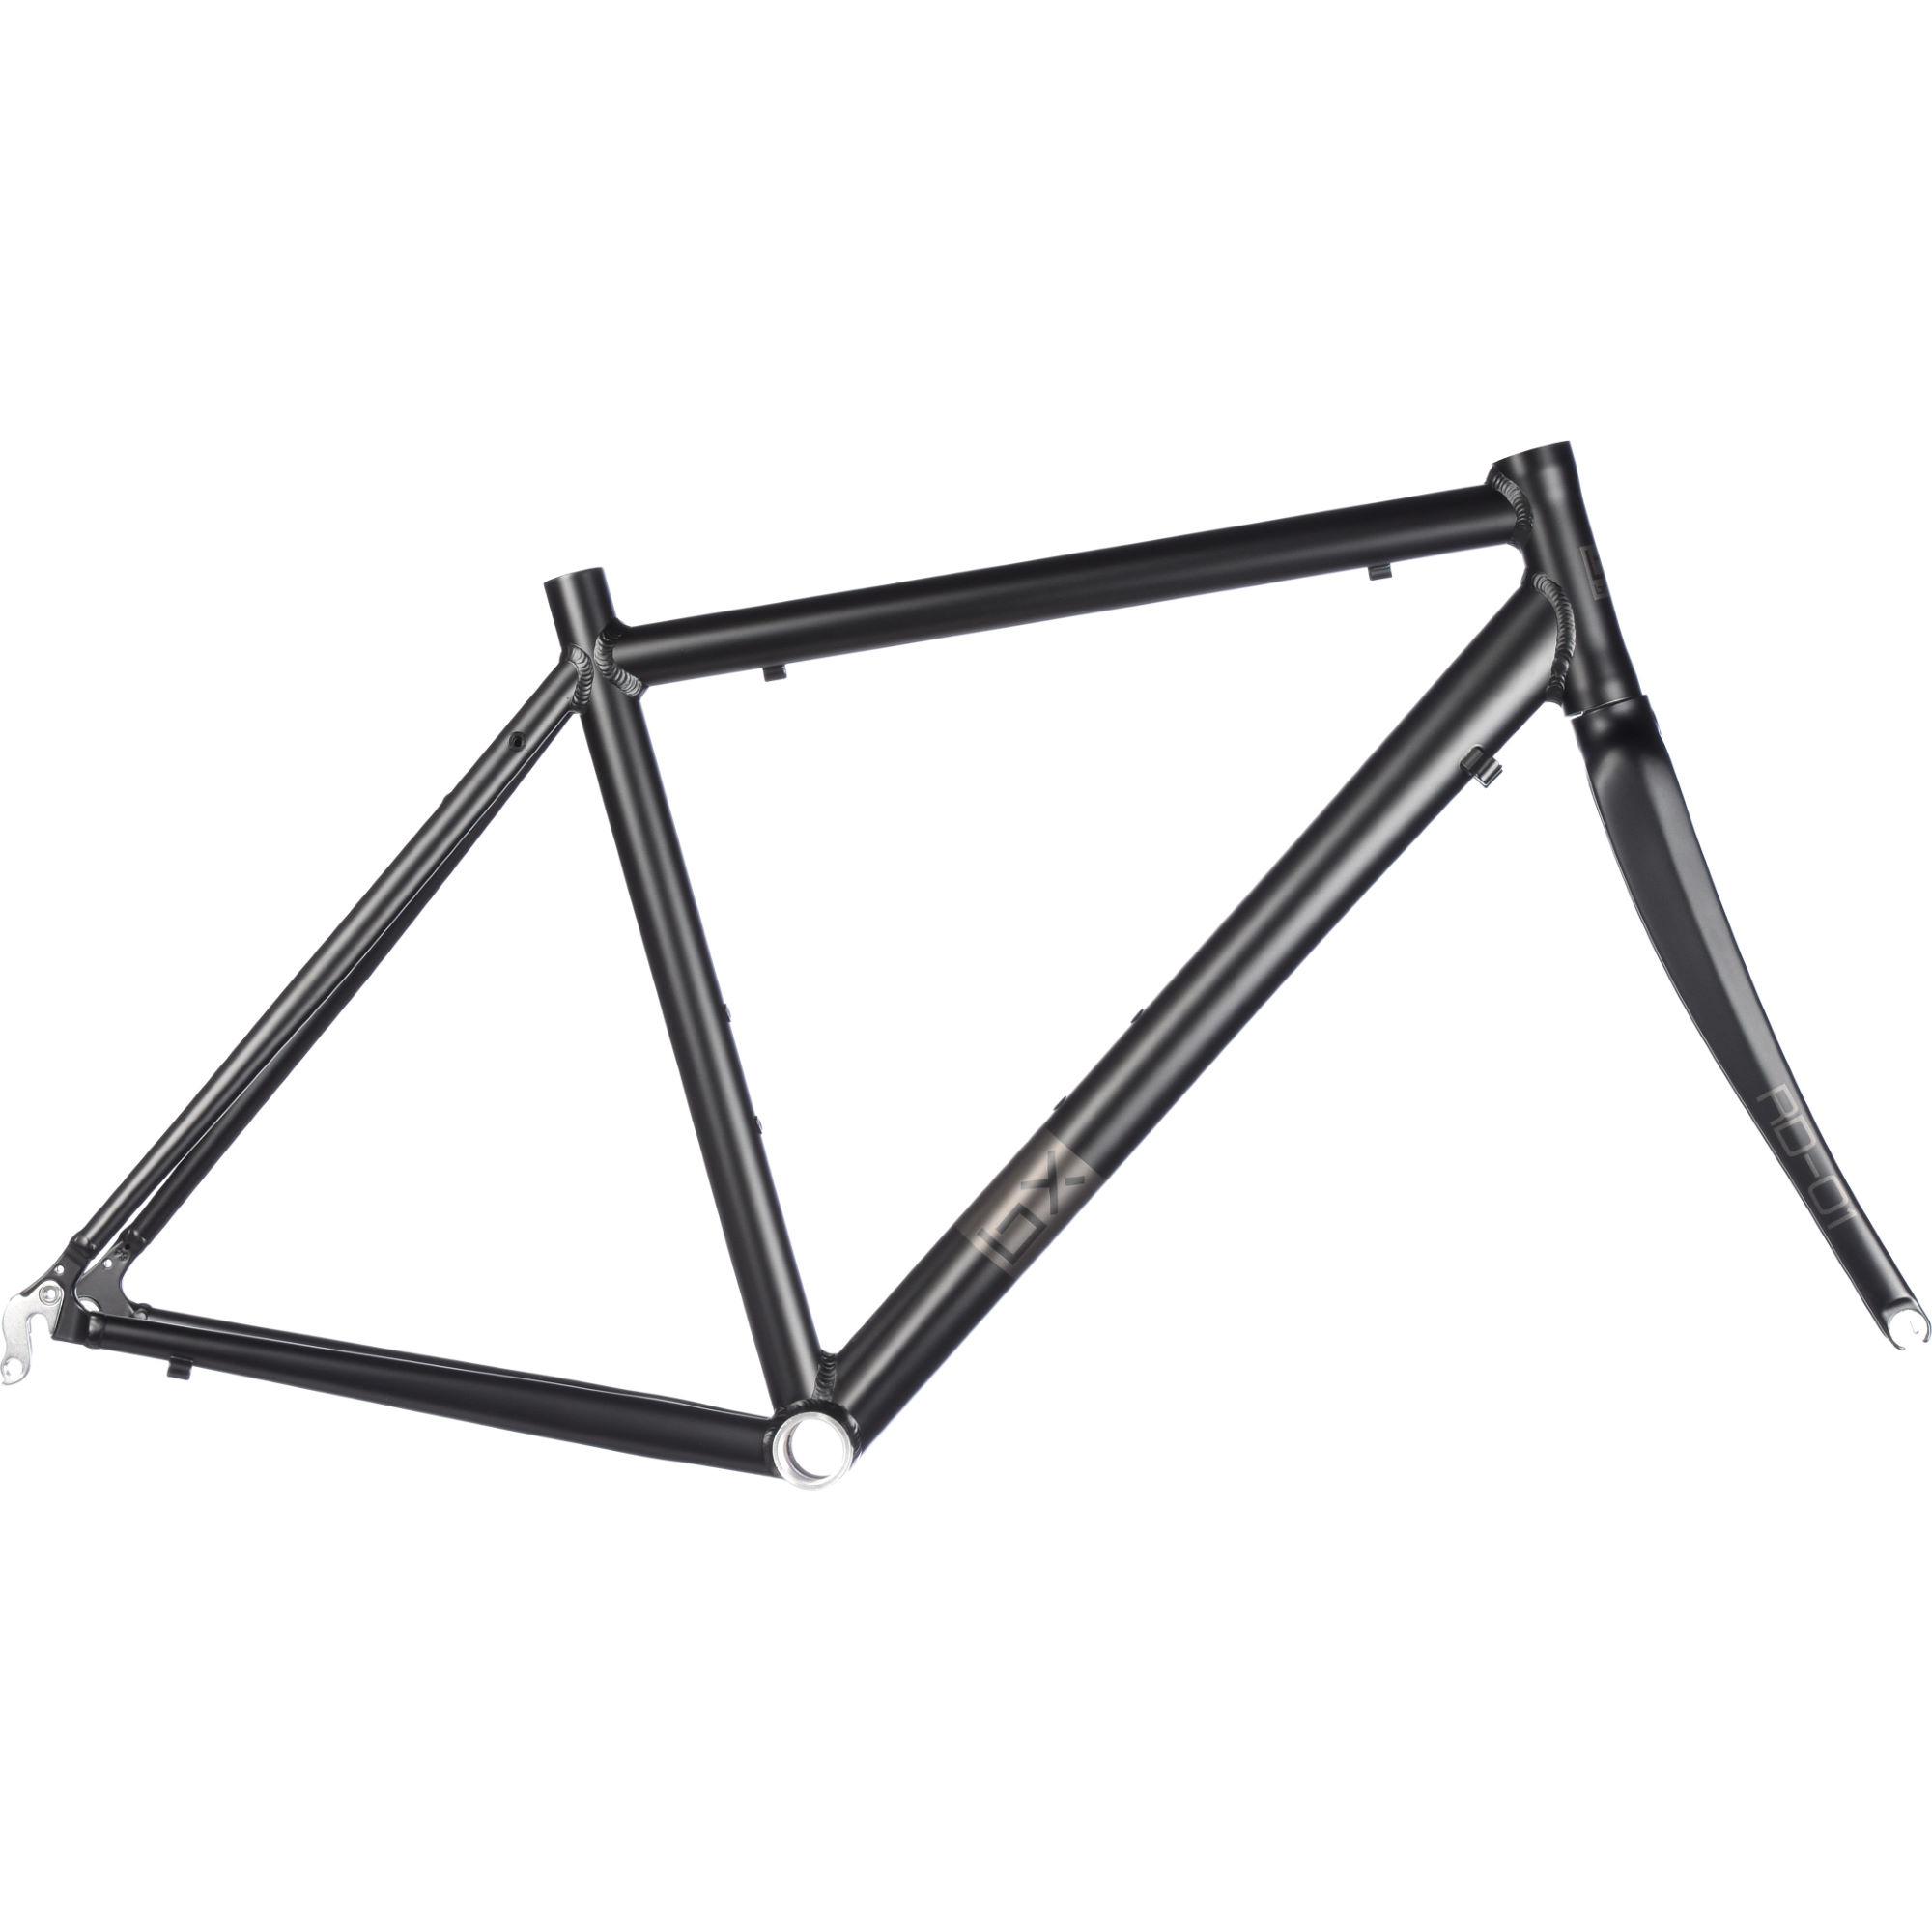 Cadre de vélo de route Brand-X RD-01 - en aluminium, fourche en carbone (du 50 au 58)